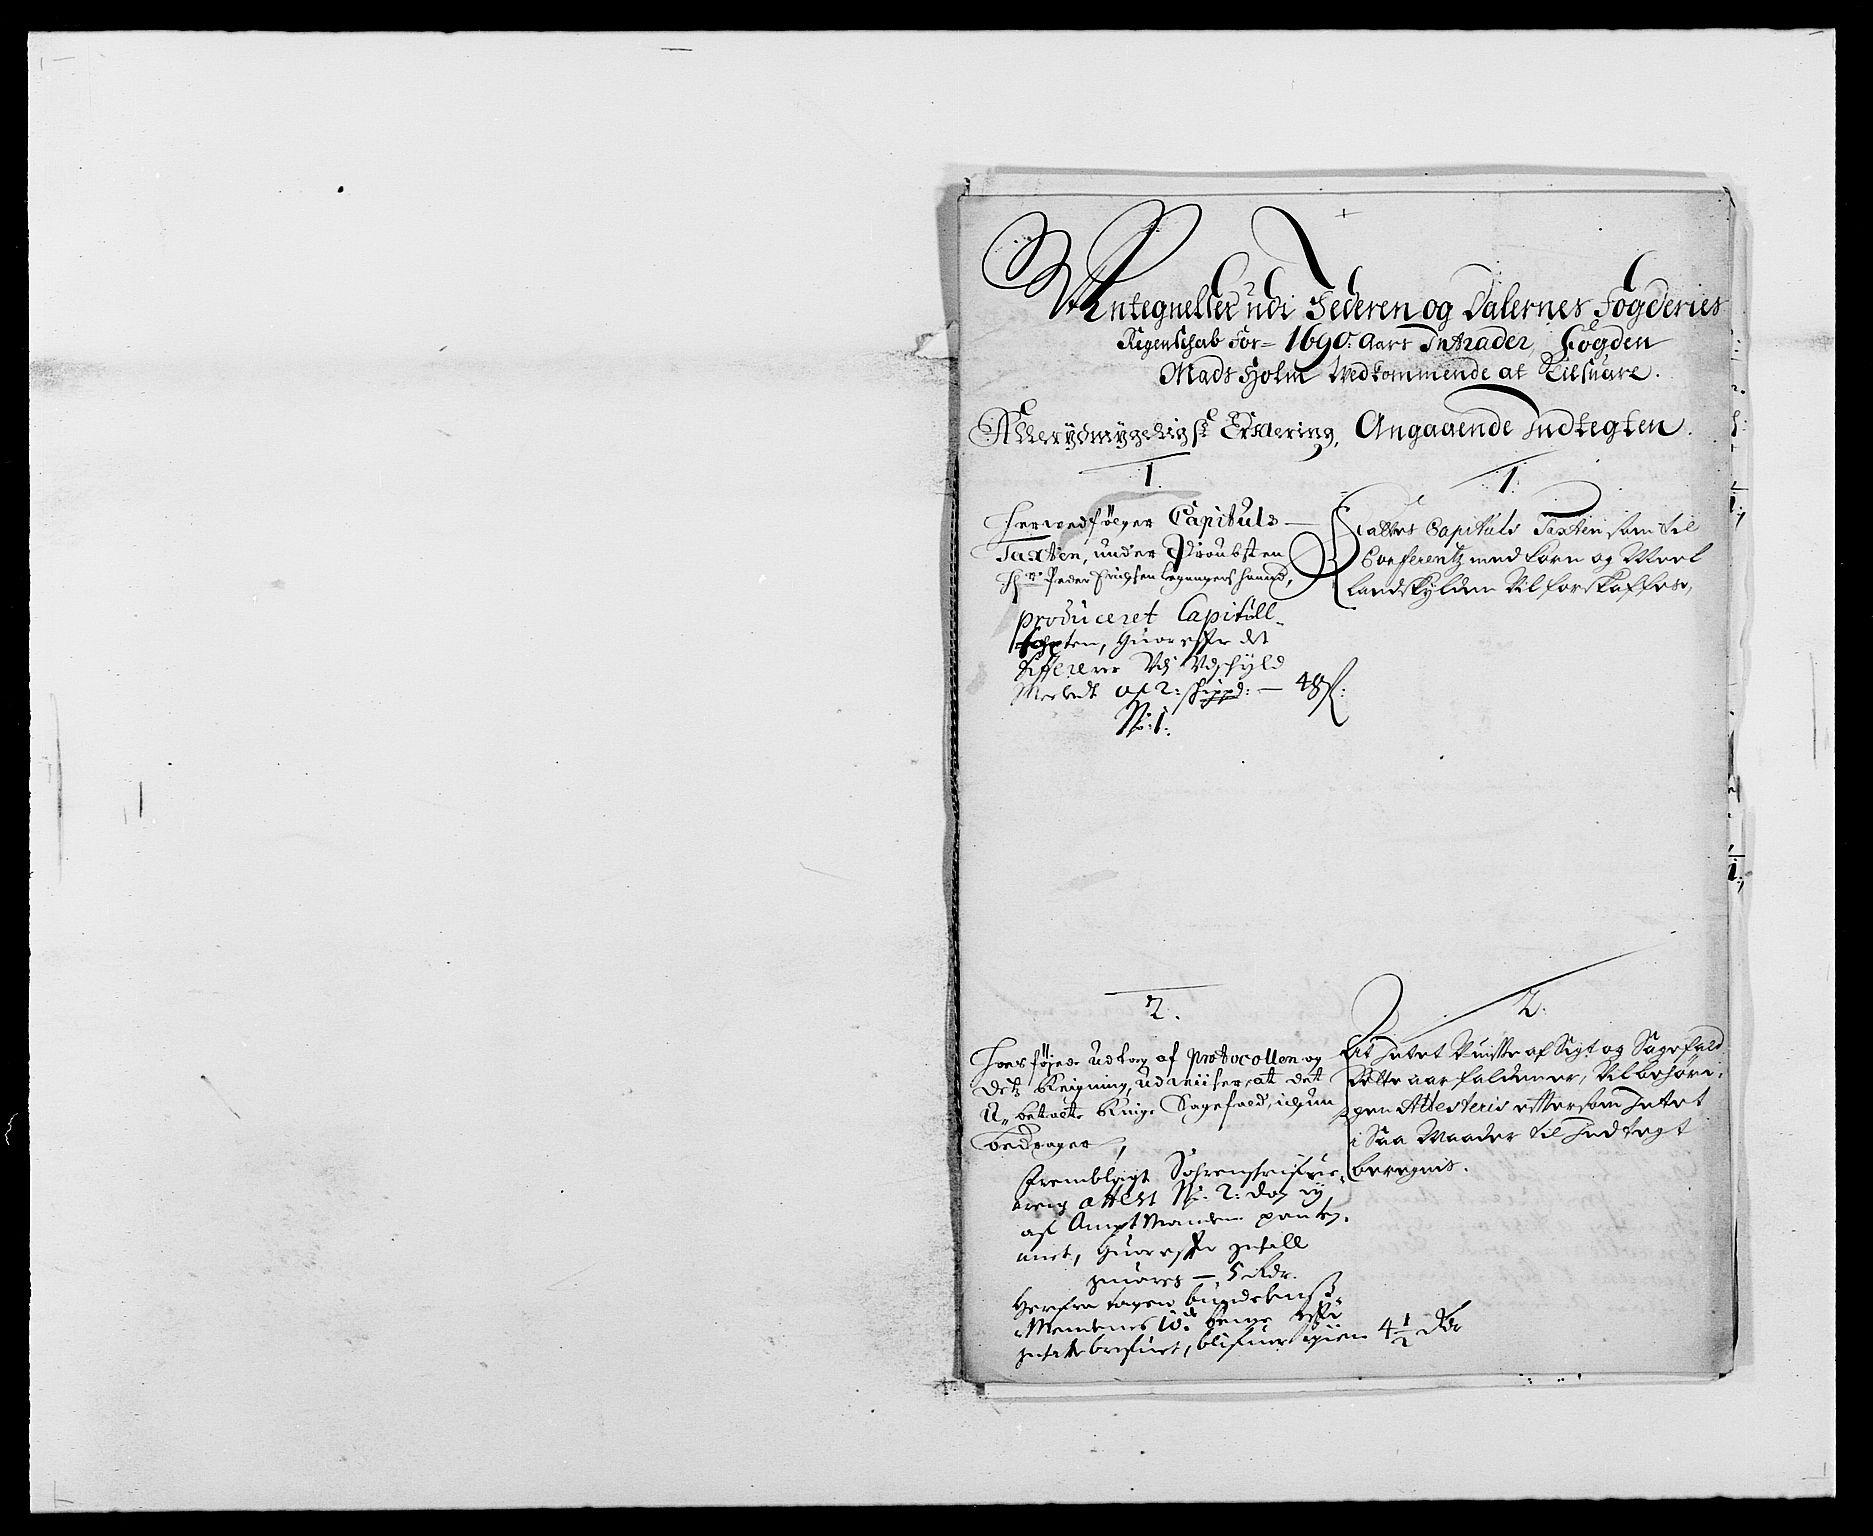 RA, Rentekammeret inntil 1814, Reviderte regnskaper, Fogderegnskap, R46/L2727: Fogderegnskap Jæren og Dalane, 1690-1693, s. 59